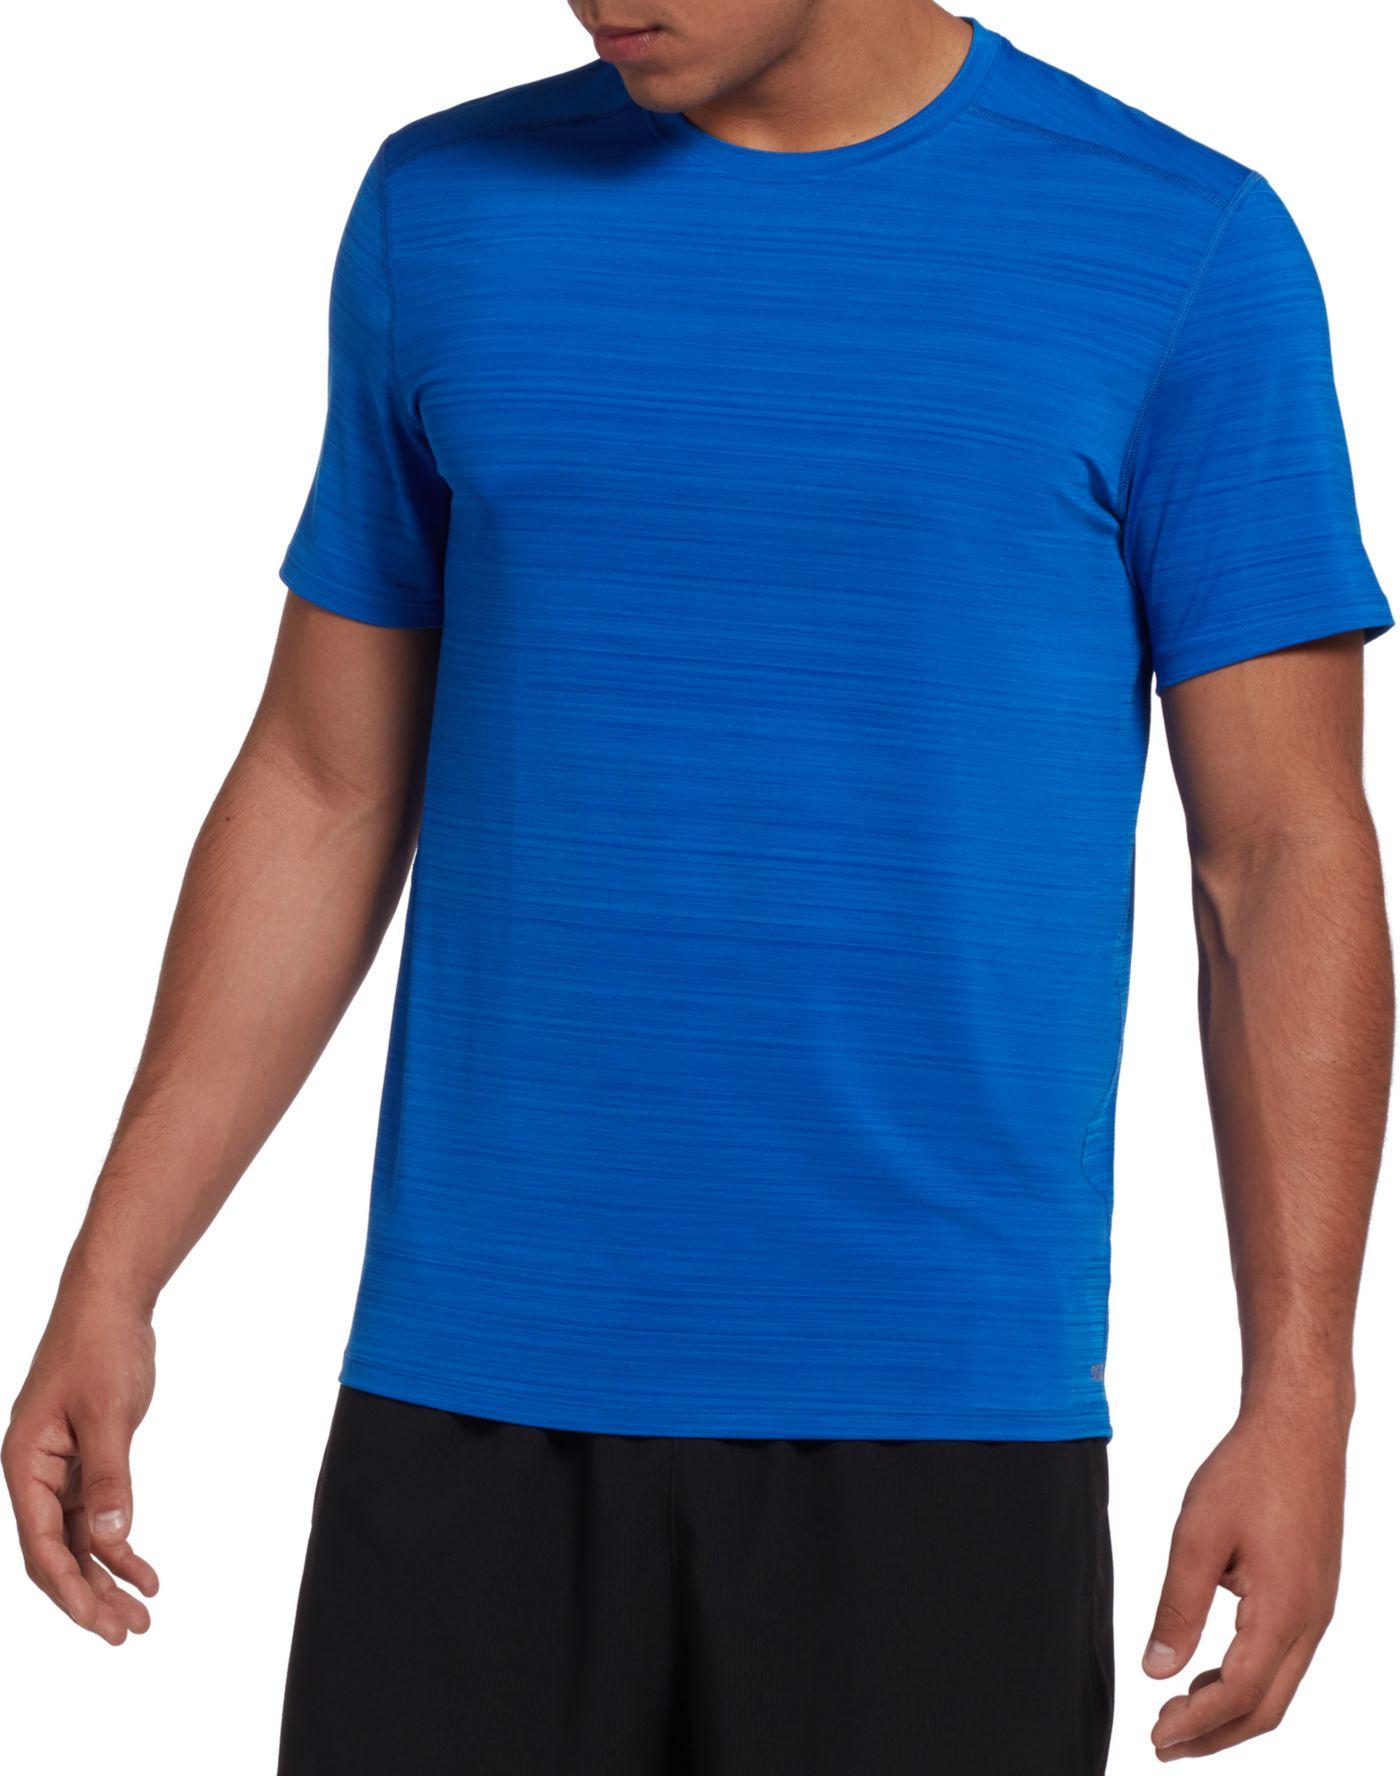 DSG Men's Training T-Shirt (Regular and Big & Tall)